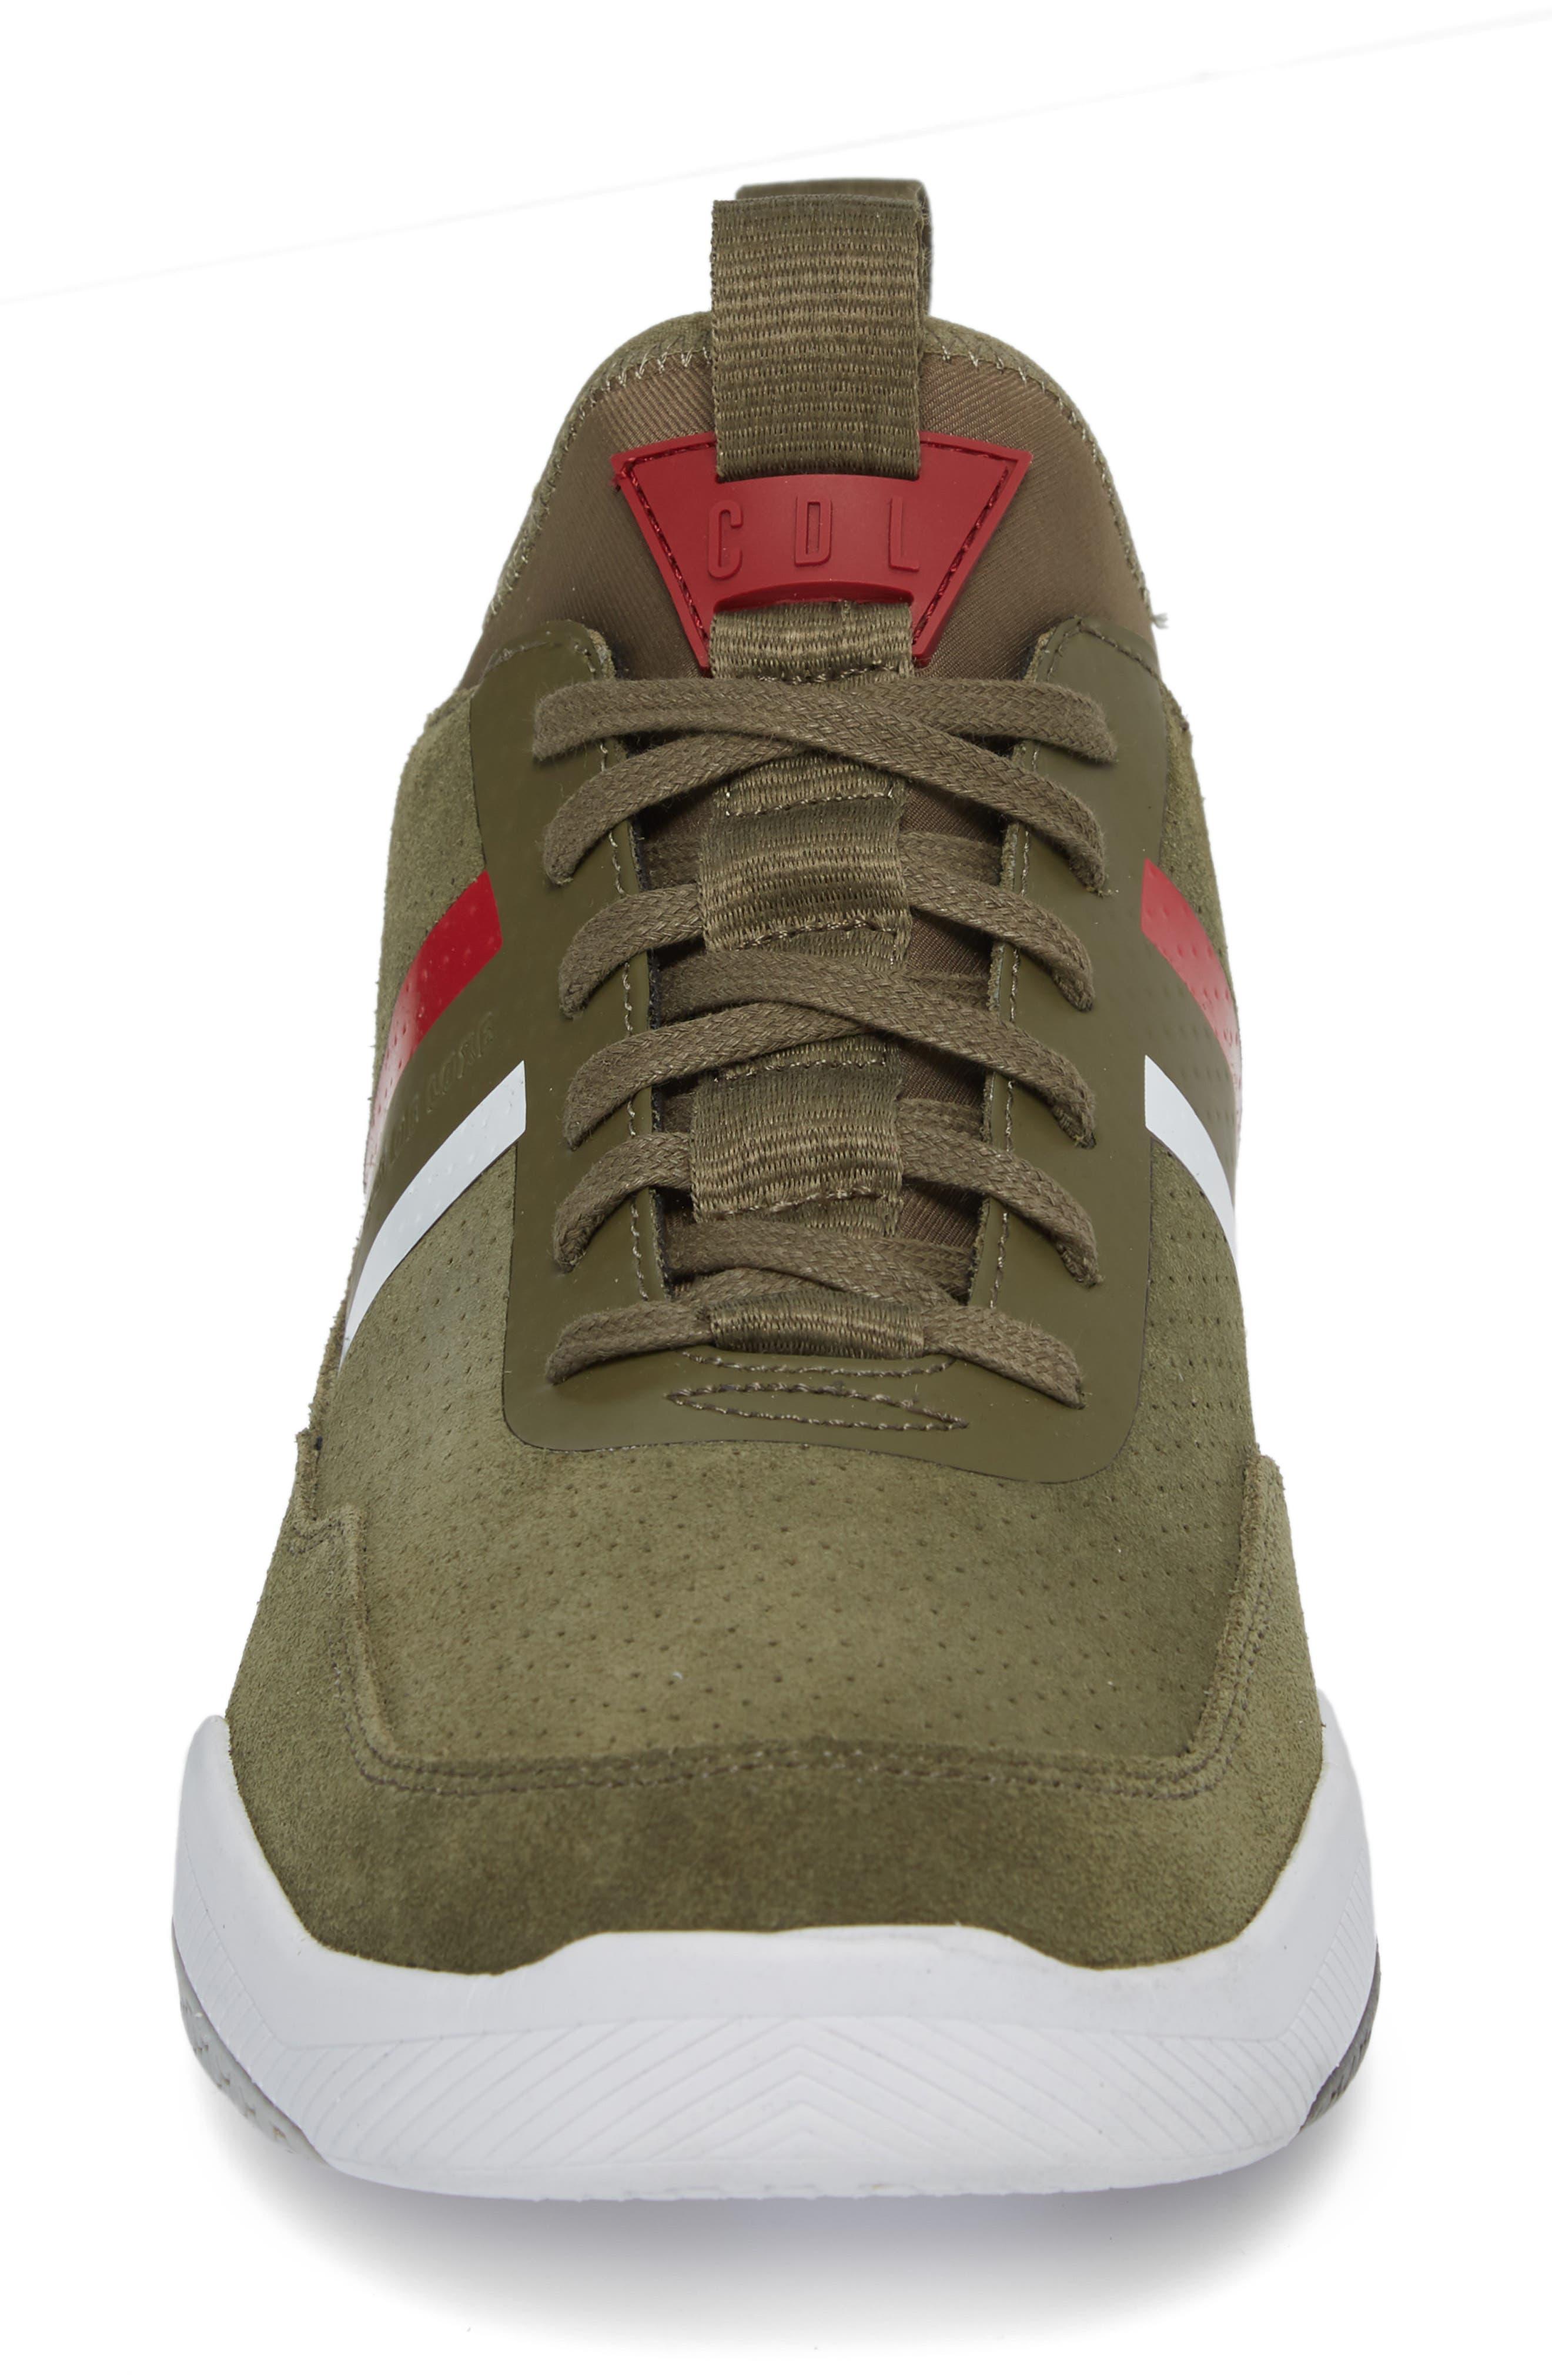 Shiro Hi Sock Fit Sneaker,                             Alternate thumbnail 4, color,                             Military Green Suede